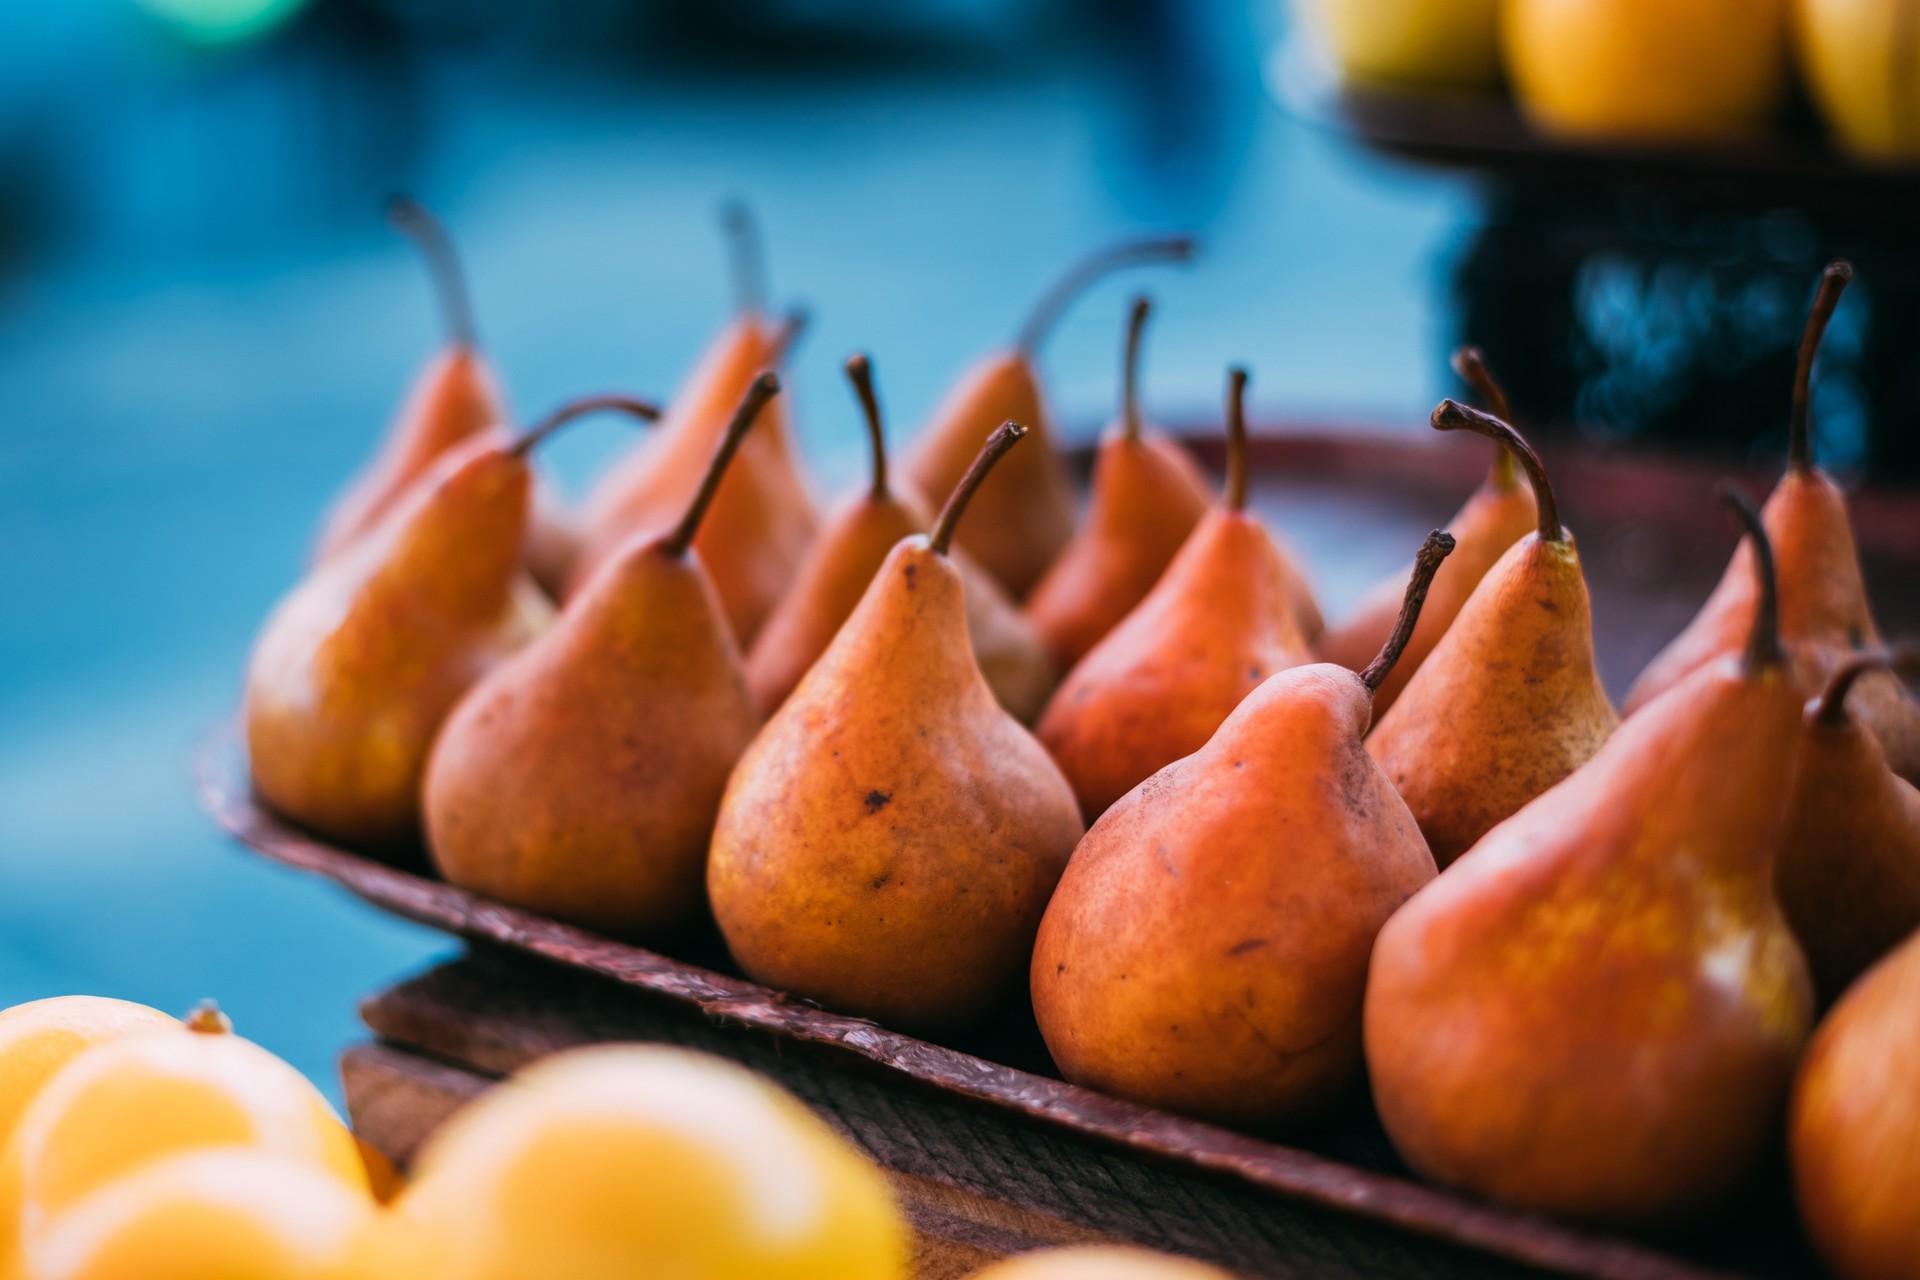 Georgia food tour - Fruit stall